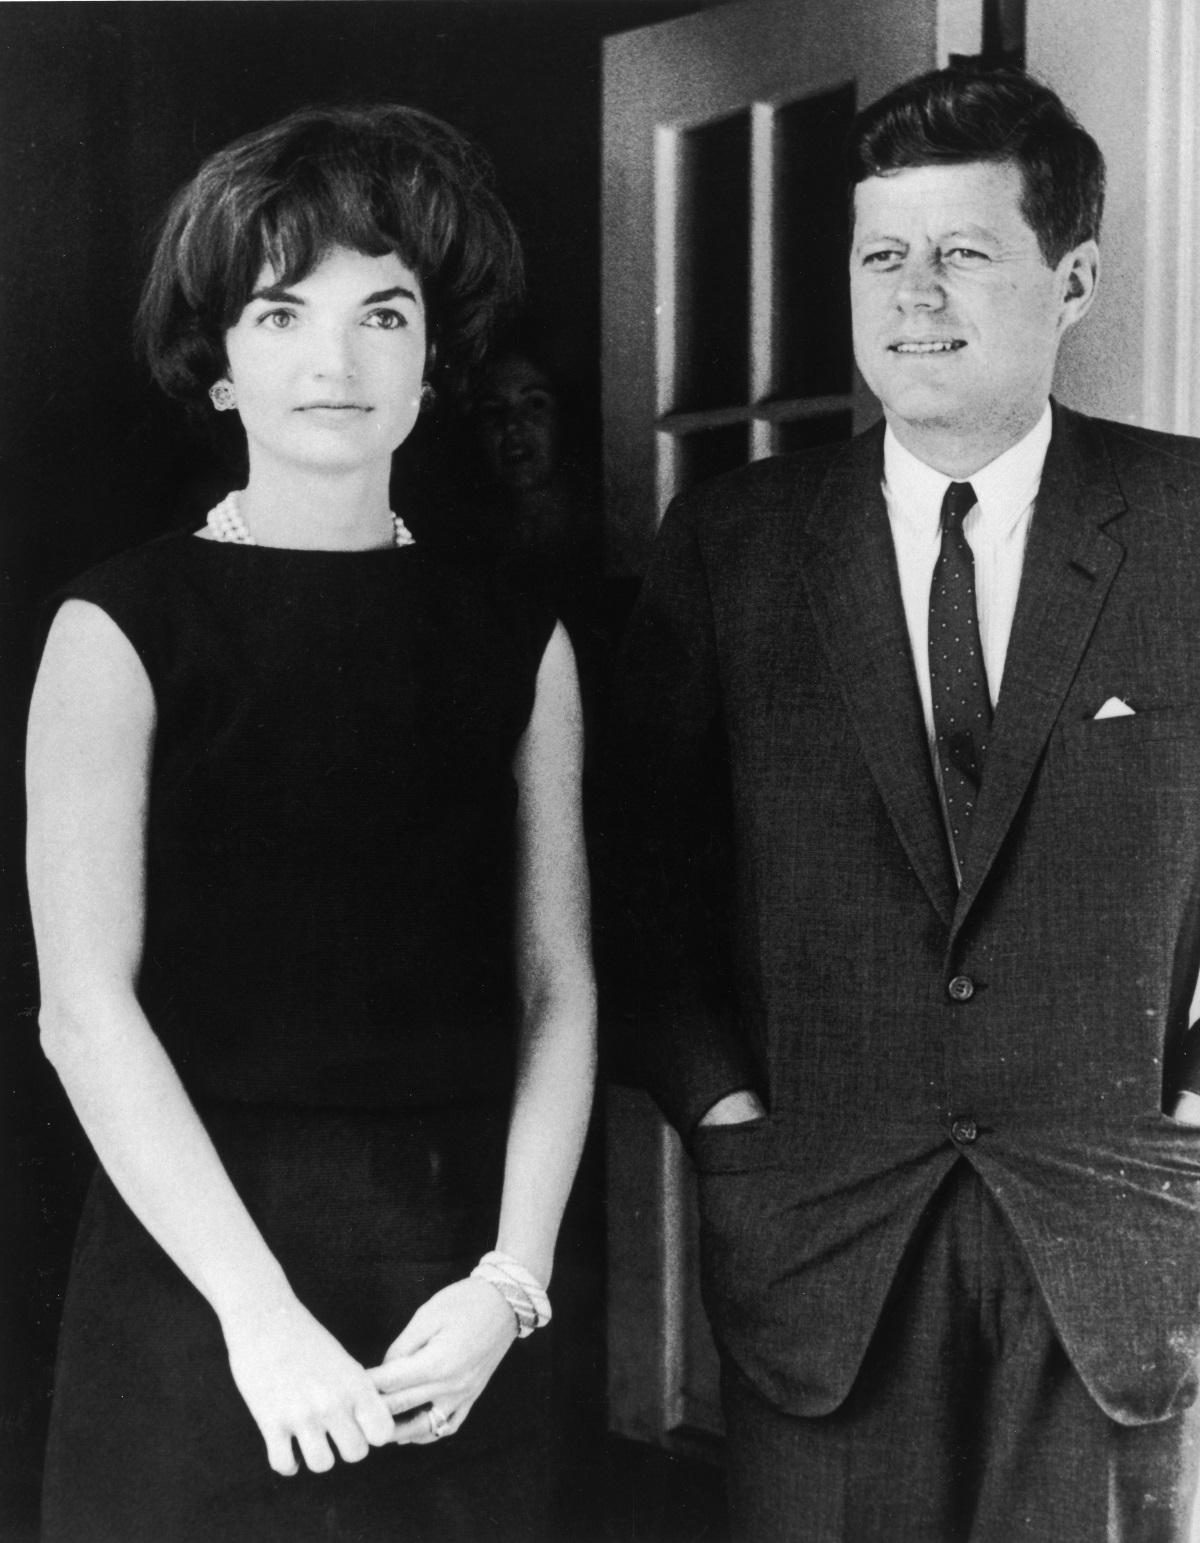 3. Президентът Джон Кенеди и съпругата му Джаки се срещат с кралица Елизабет и принц Филип в Бъкингамския дворец през 1961 г. Елизабет е 35-годишна.